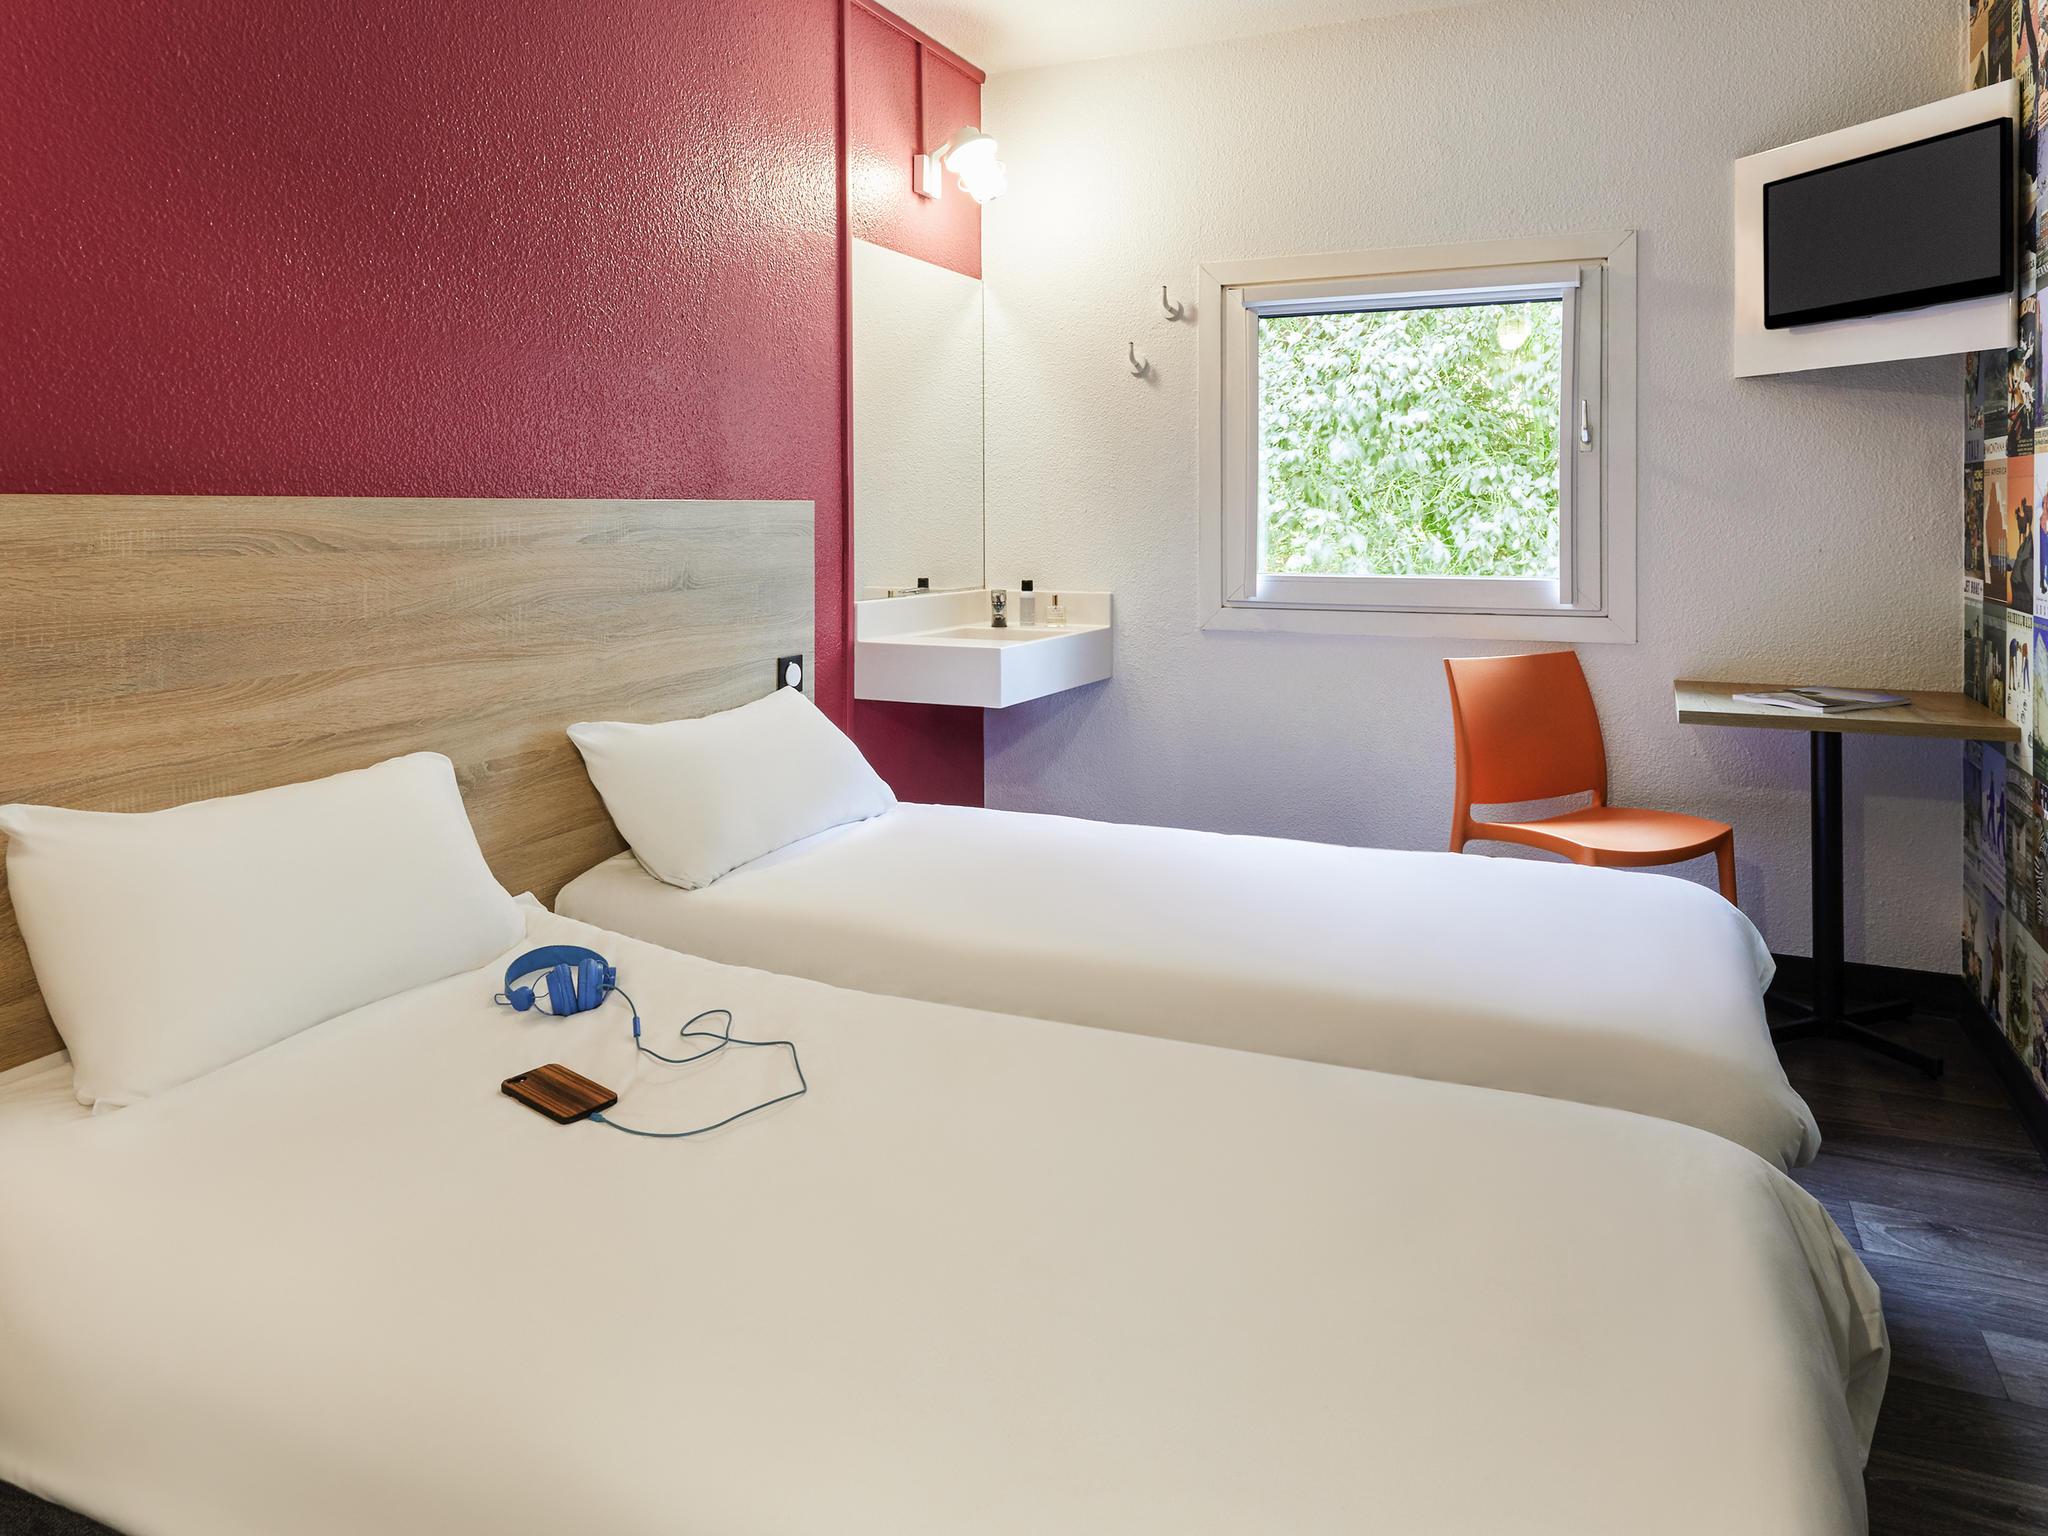 โรงแรม – hotelF1 Rungis Orly (rénové)